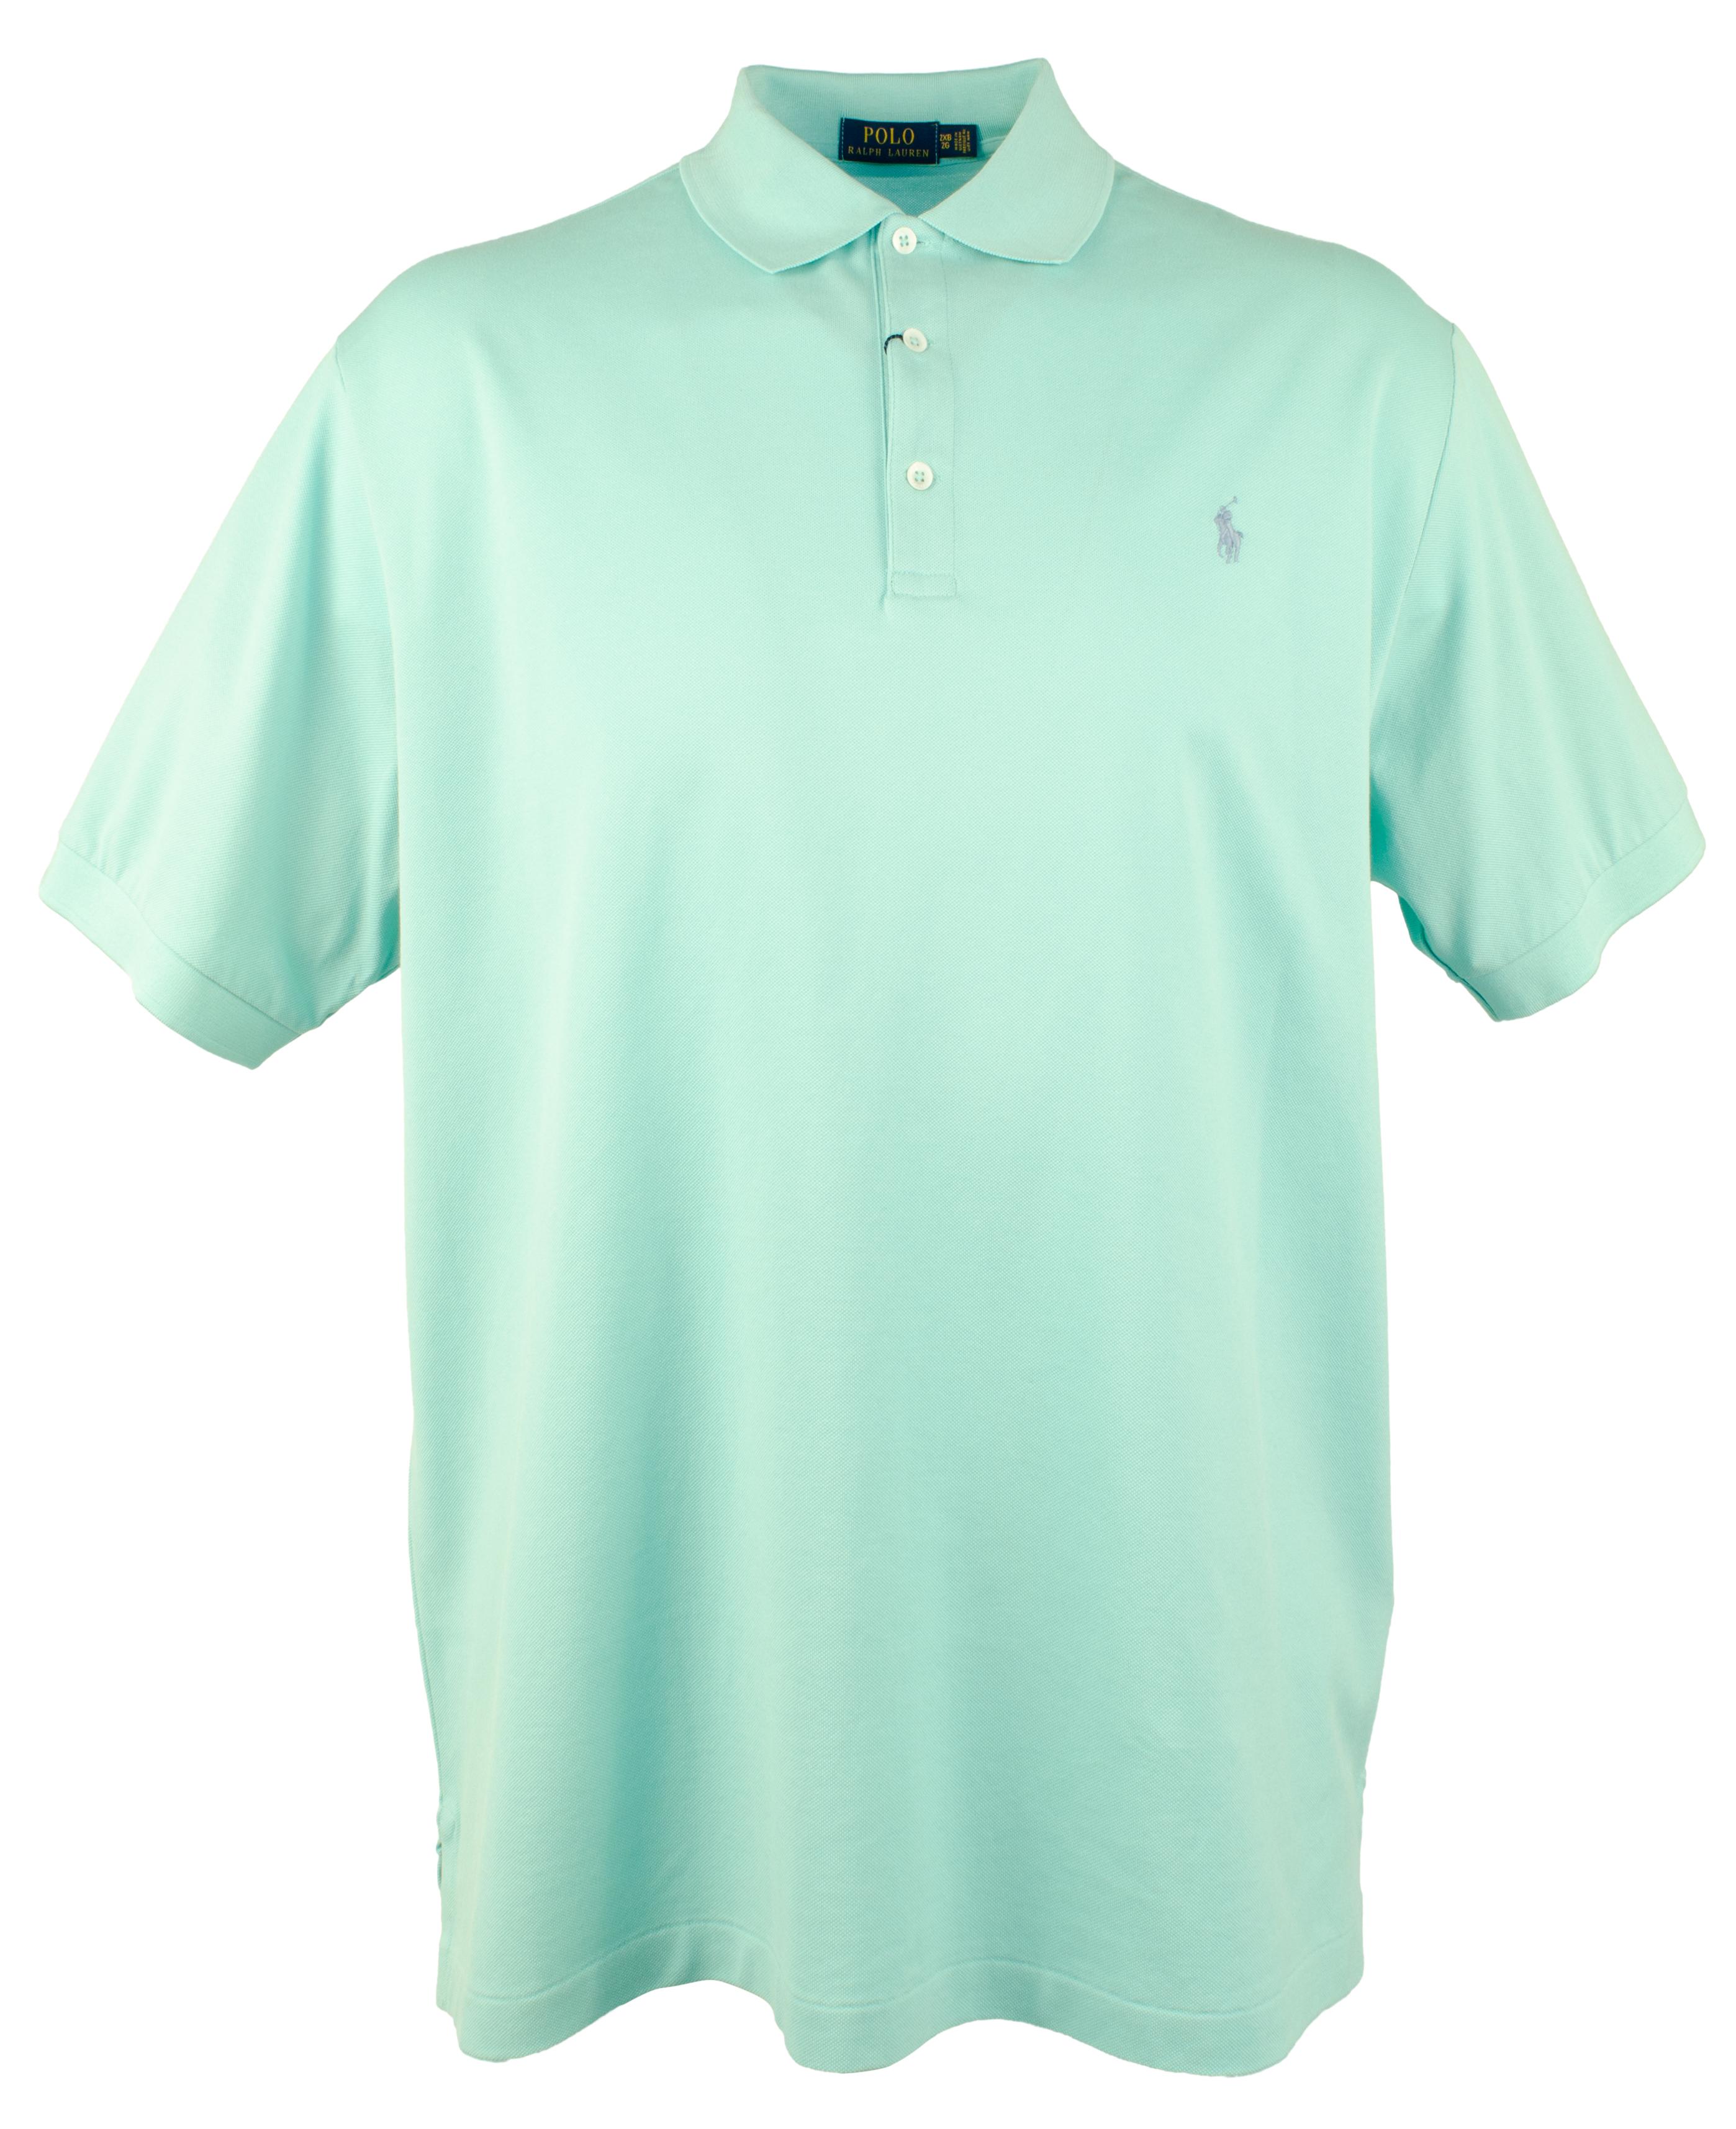 eca099280cea7a Polo Ralph Lauren Men's Big & Tall 3-Button Mesh Polo Shirt | eBay